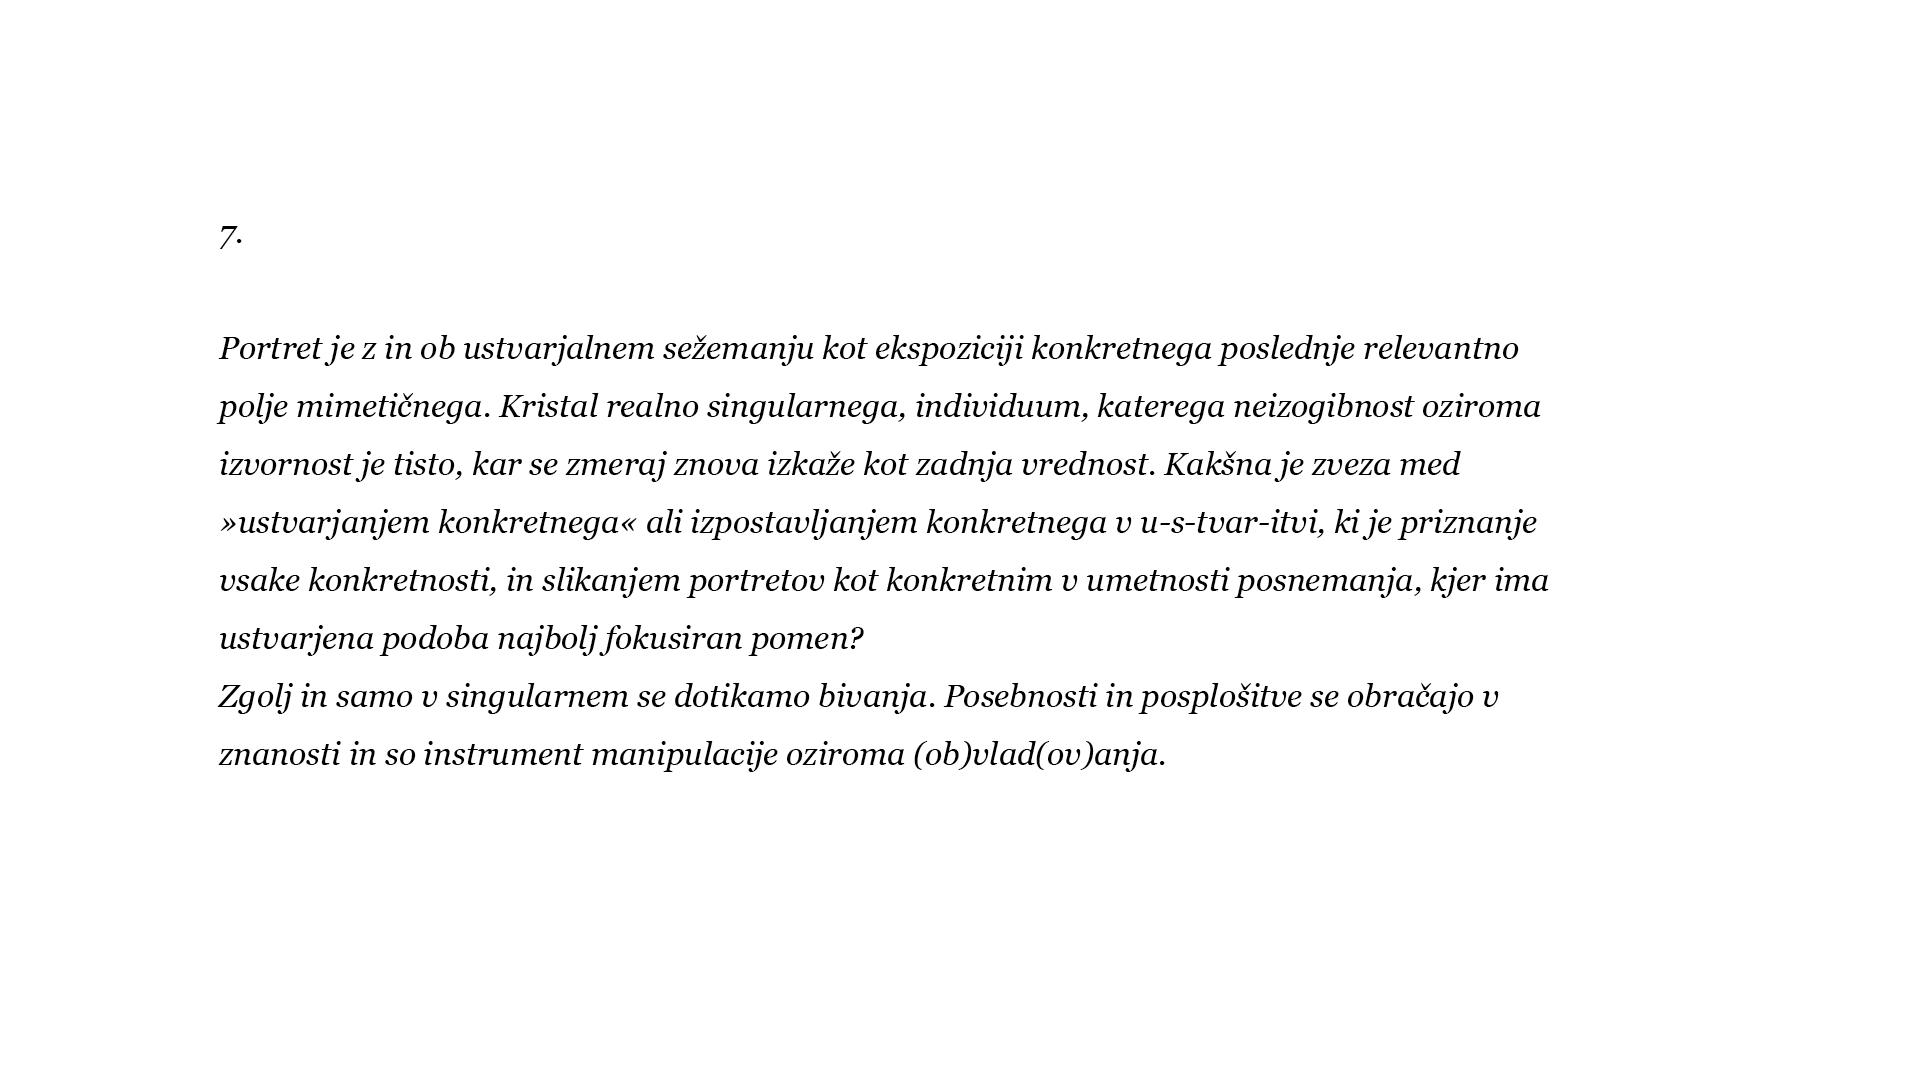 tekst slika8.png